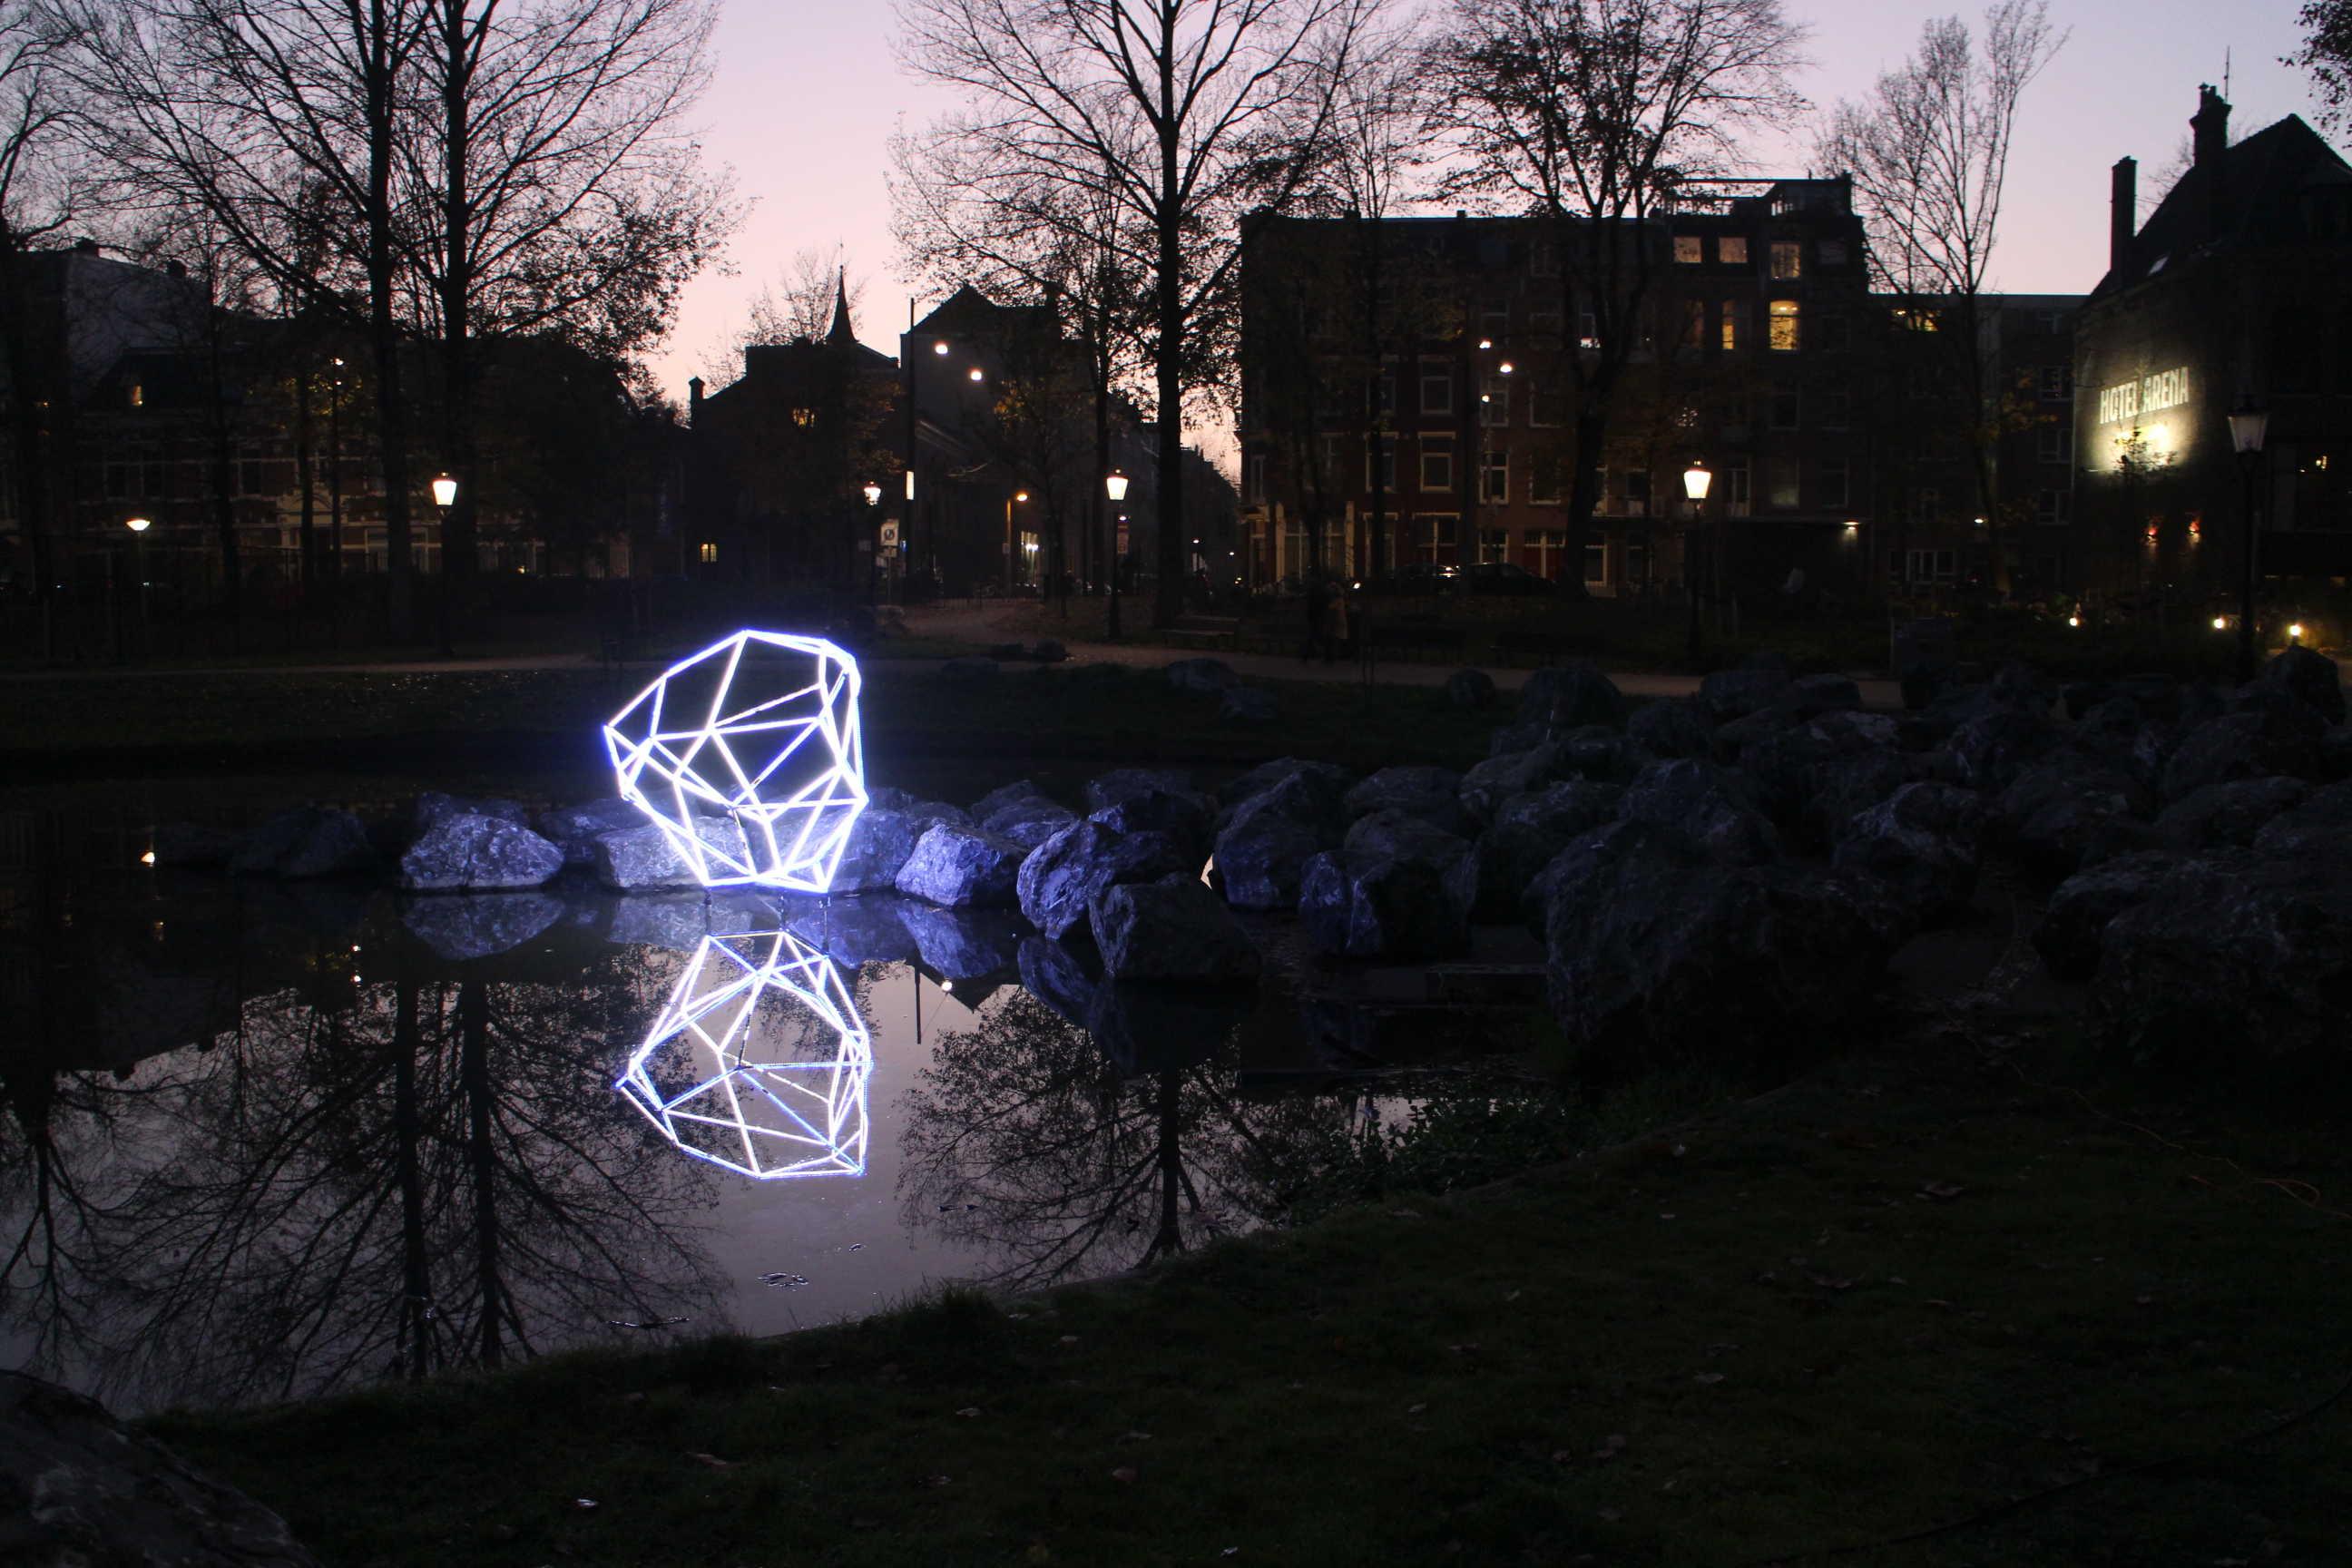 Lichtopbject Van Herman Lamers Voor Hotel Arena Geheugen Van Oost